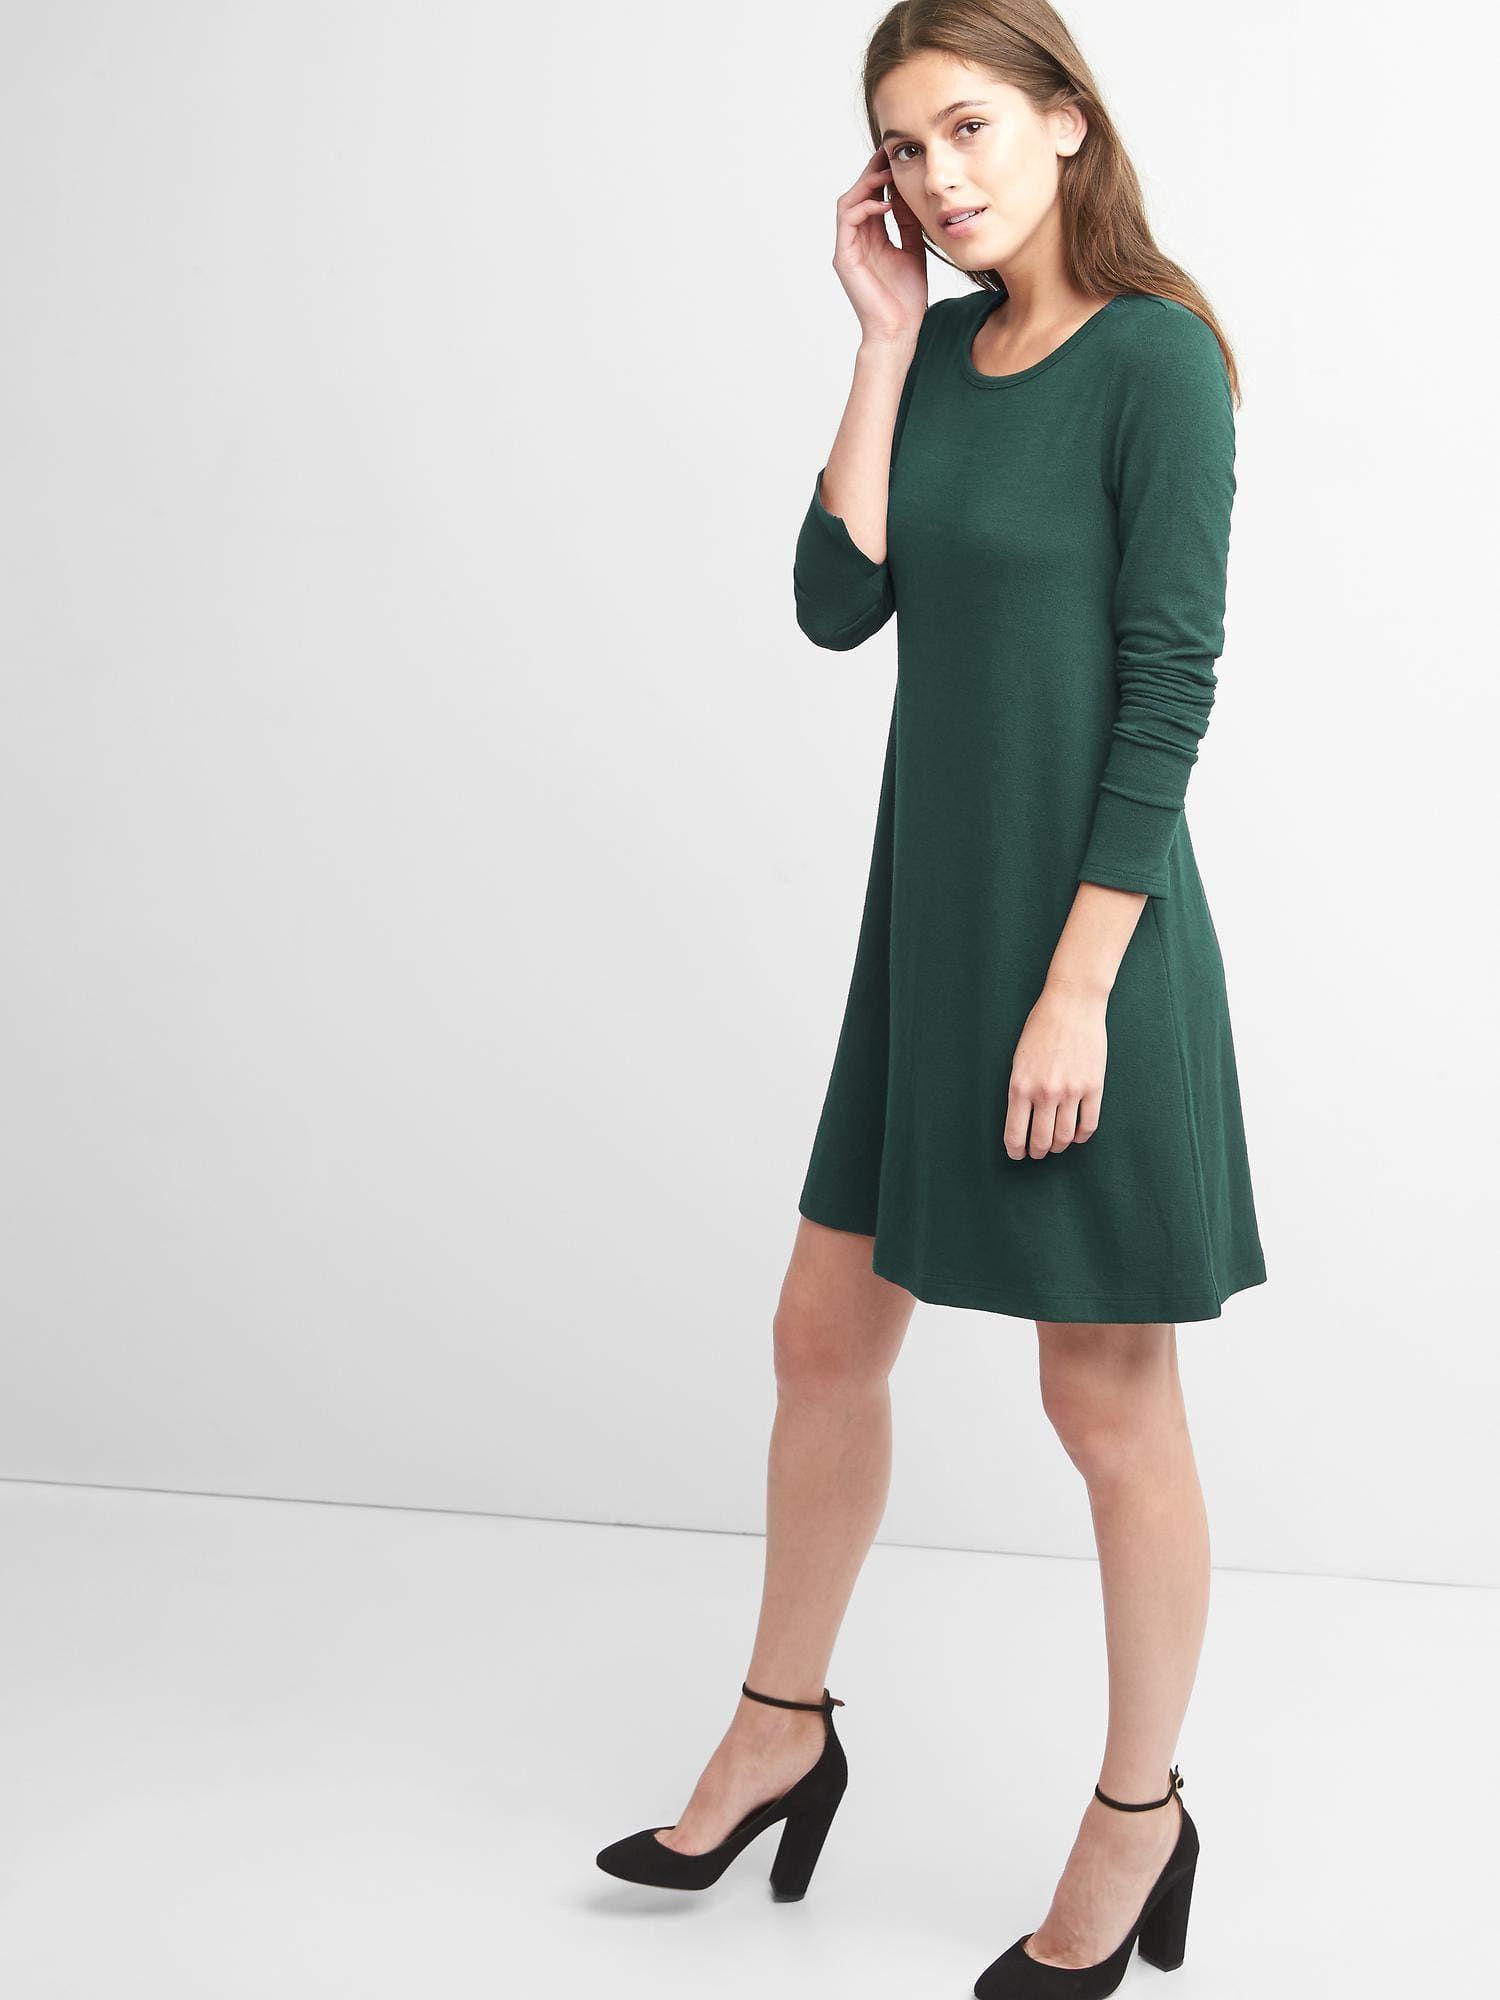 29+ Long sleeve swing dress ideas in 2021